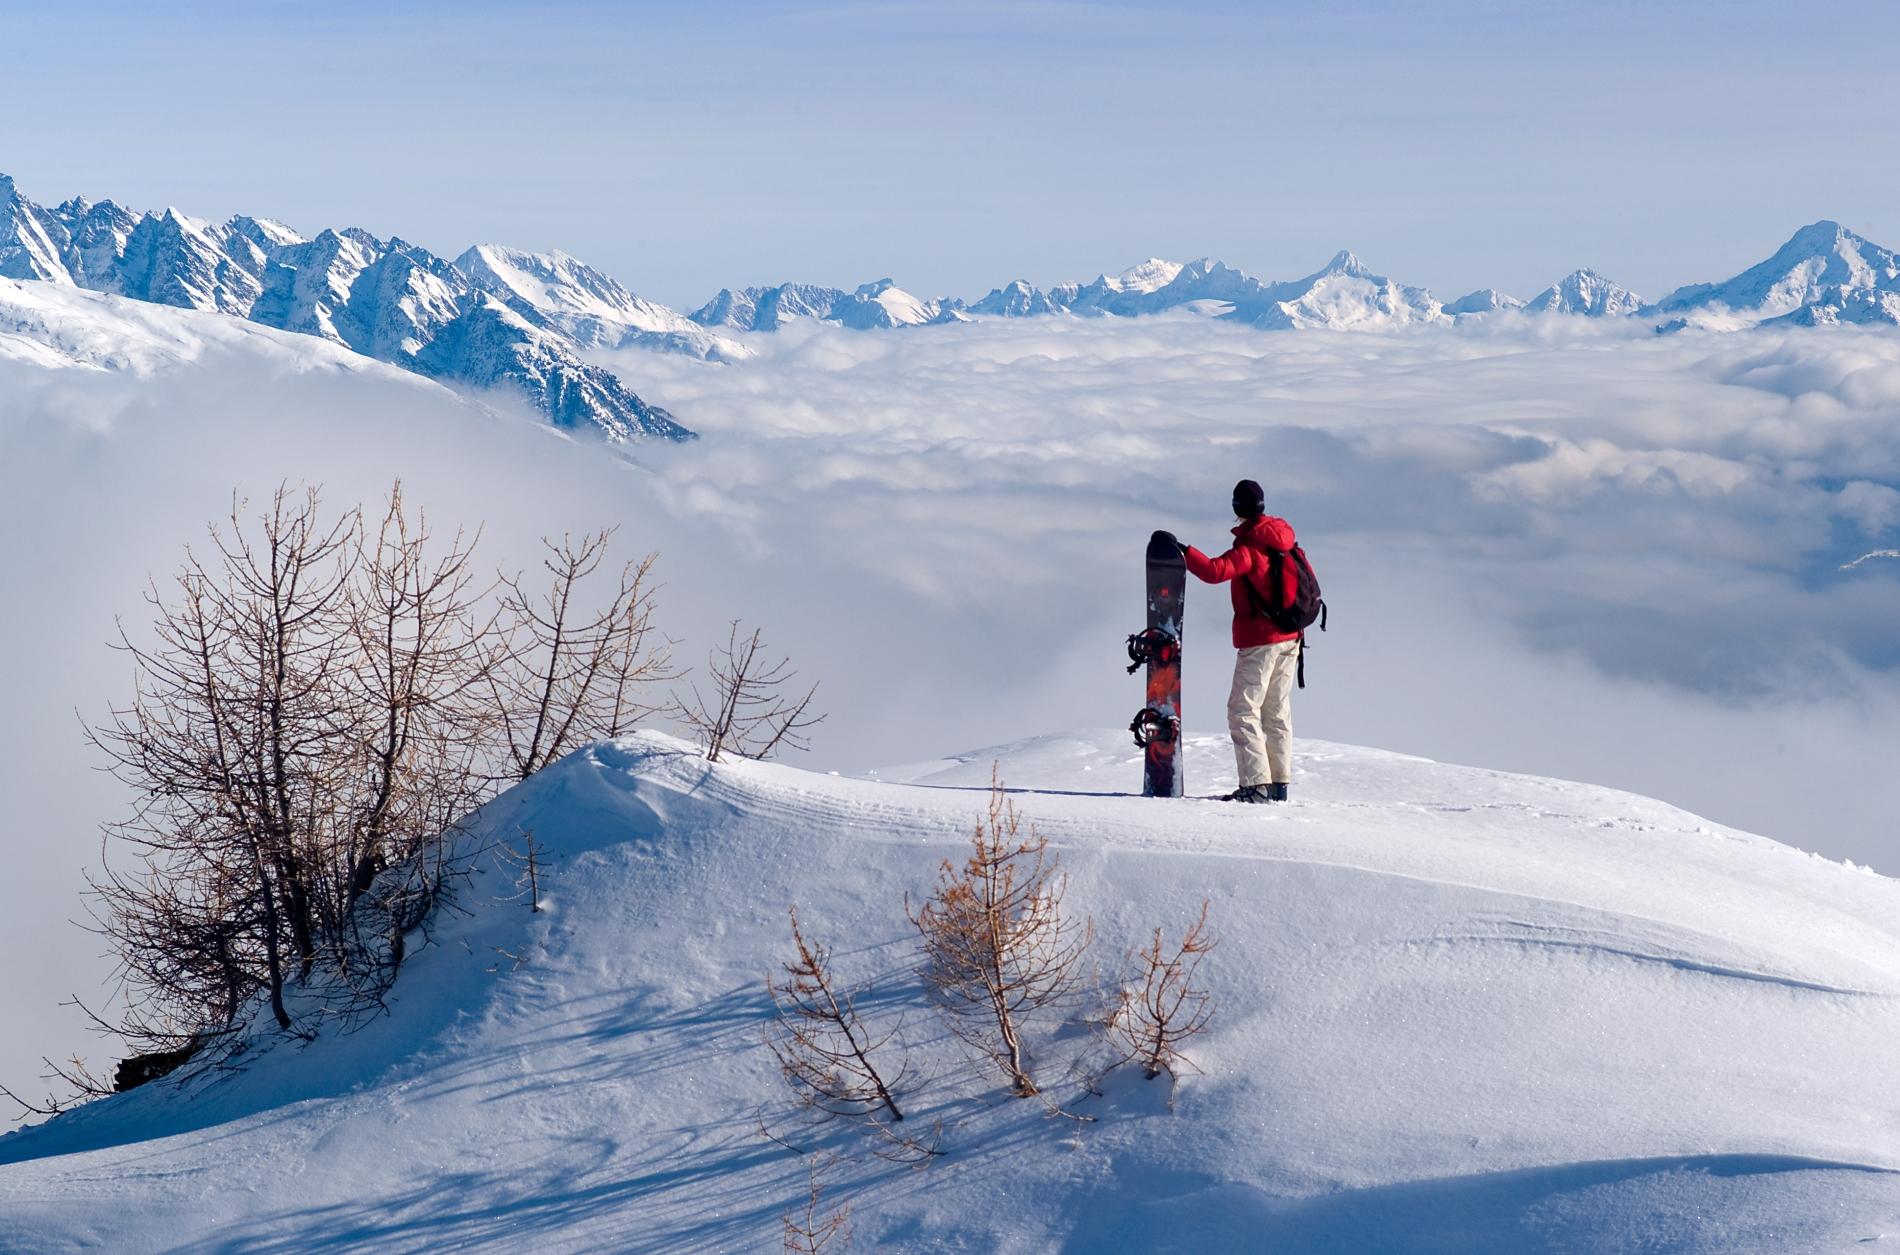 2008_Snowbordeur_Panorama_brouillard_OlivierMaire